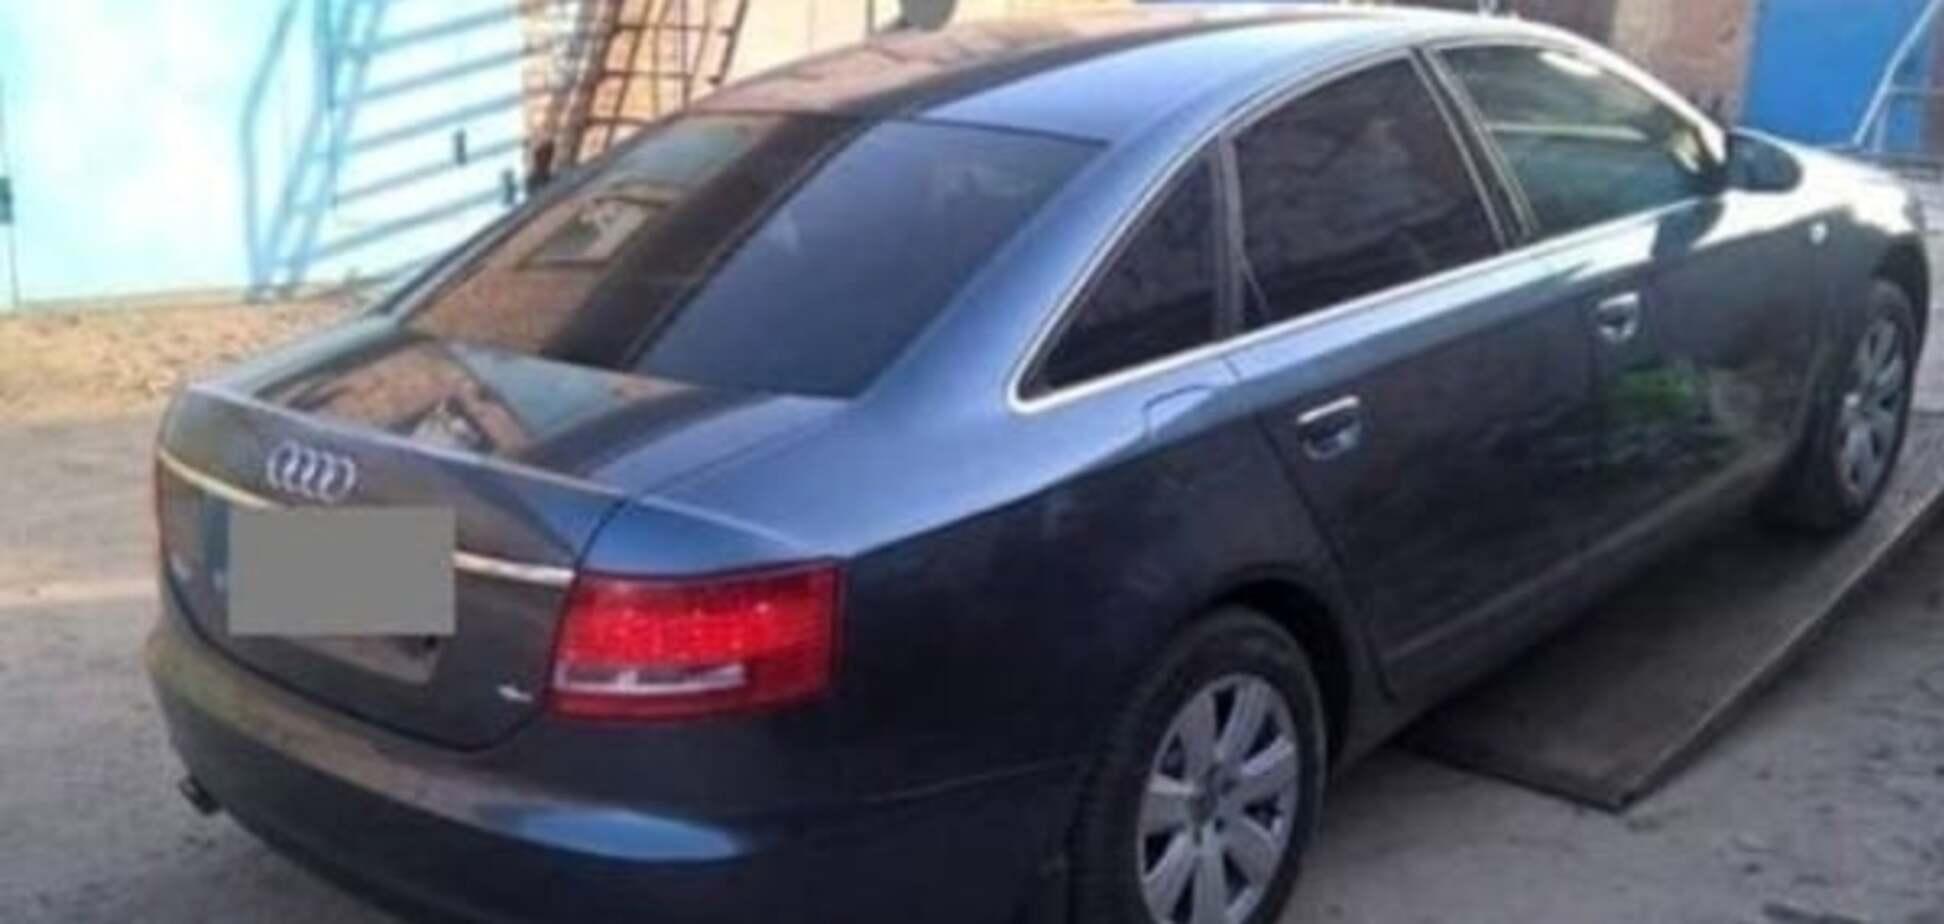 Слід спецслужб: з'явилася нова версія зникнення водія BlaBlaCar